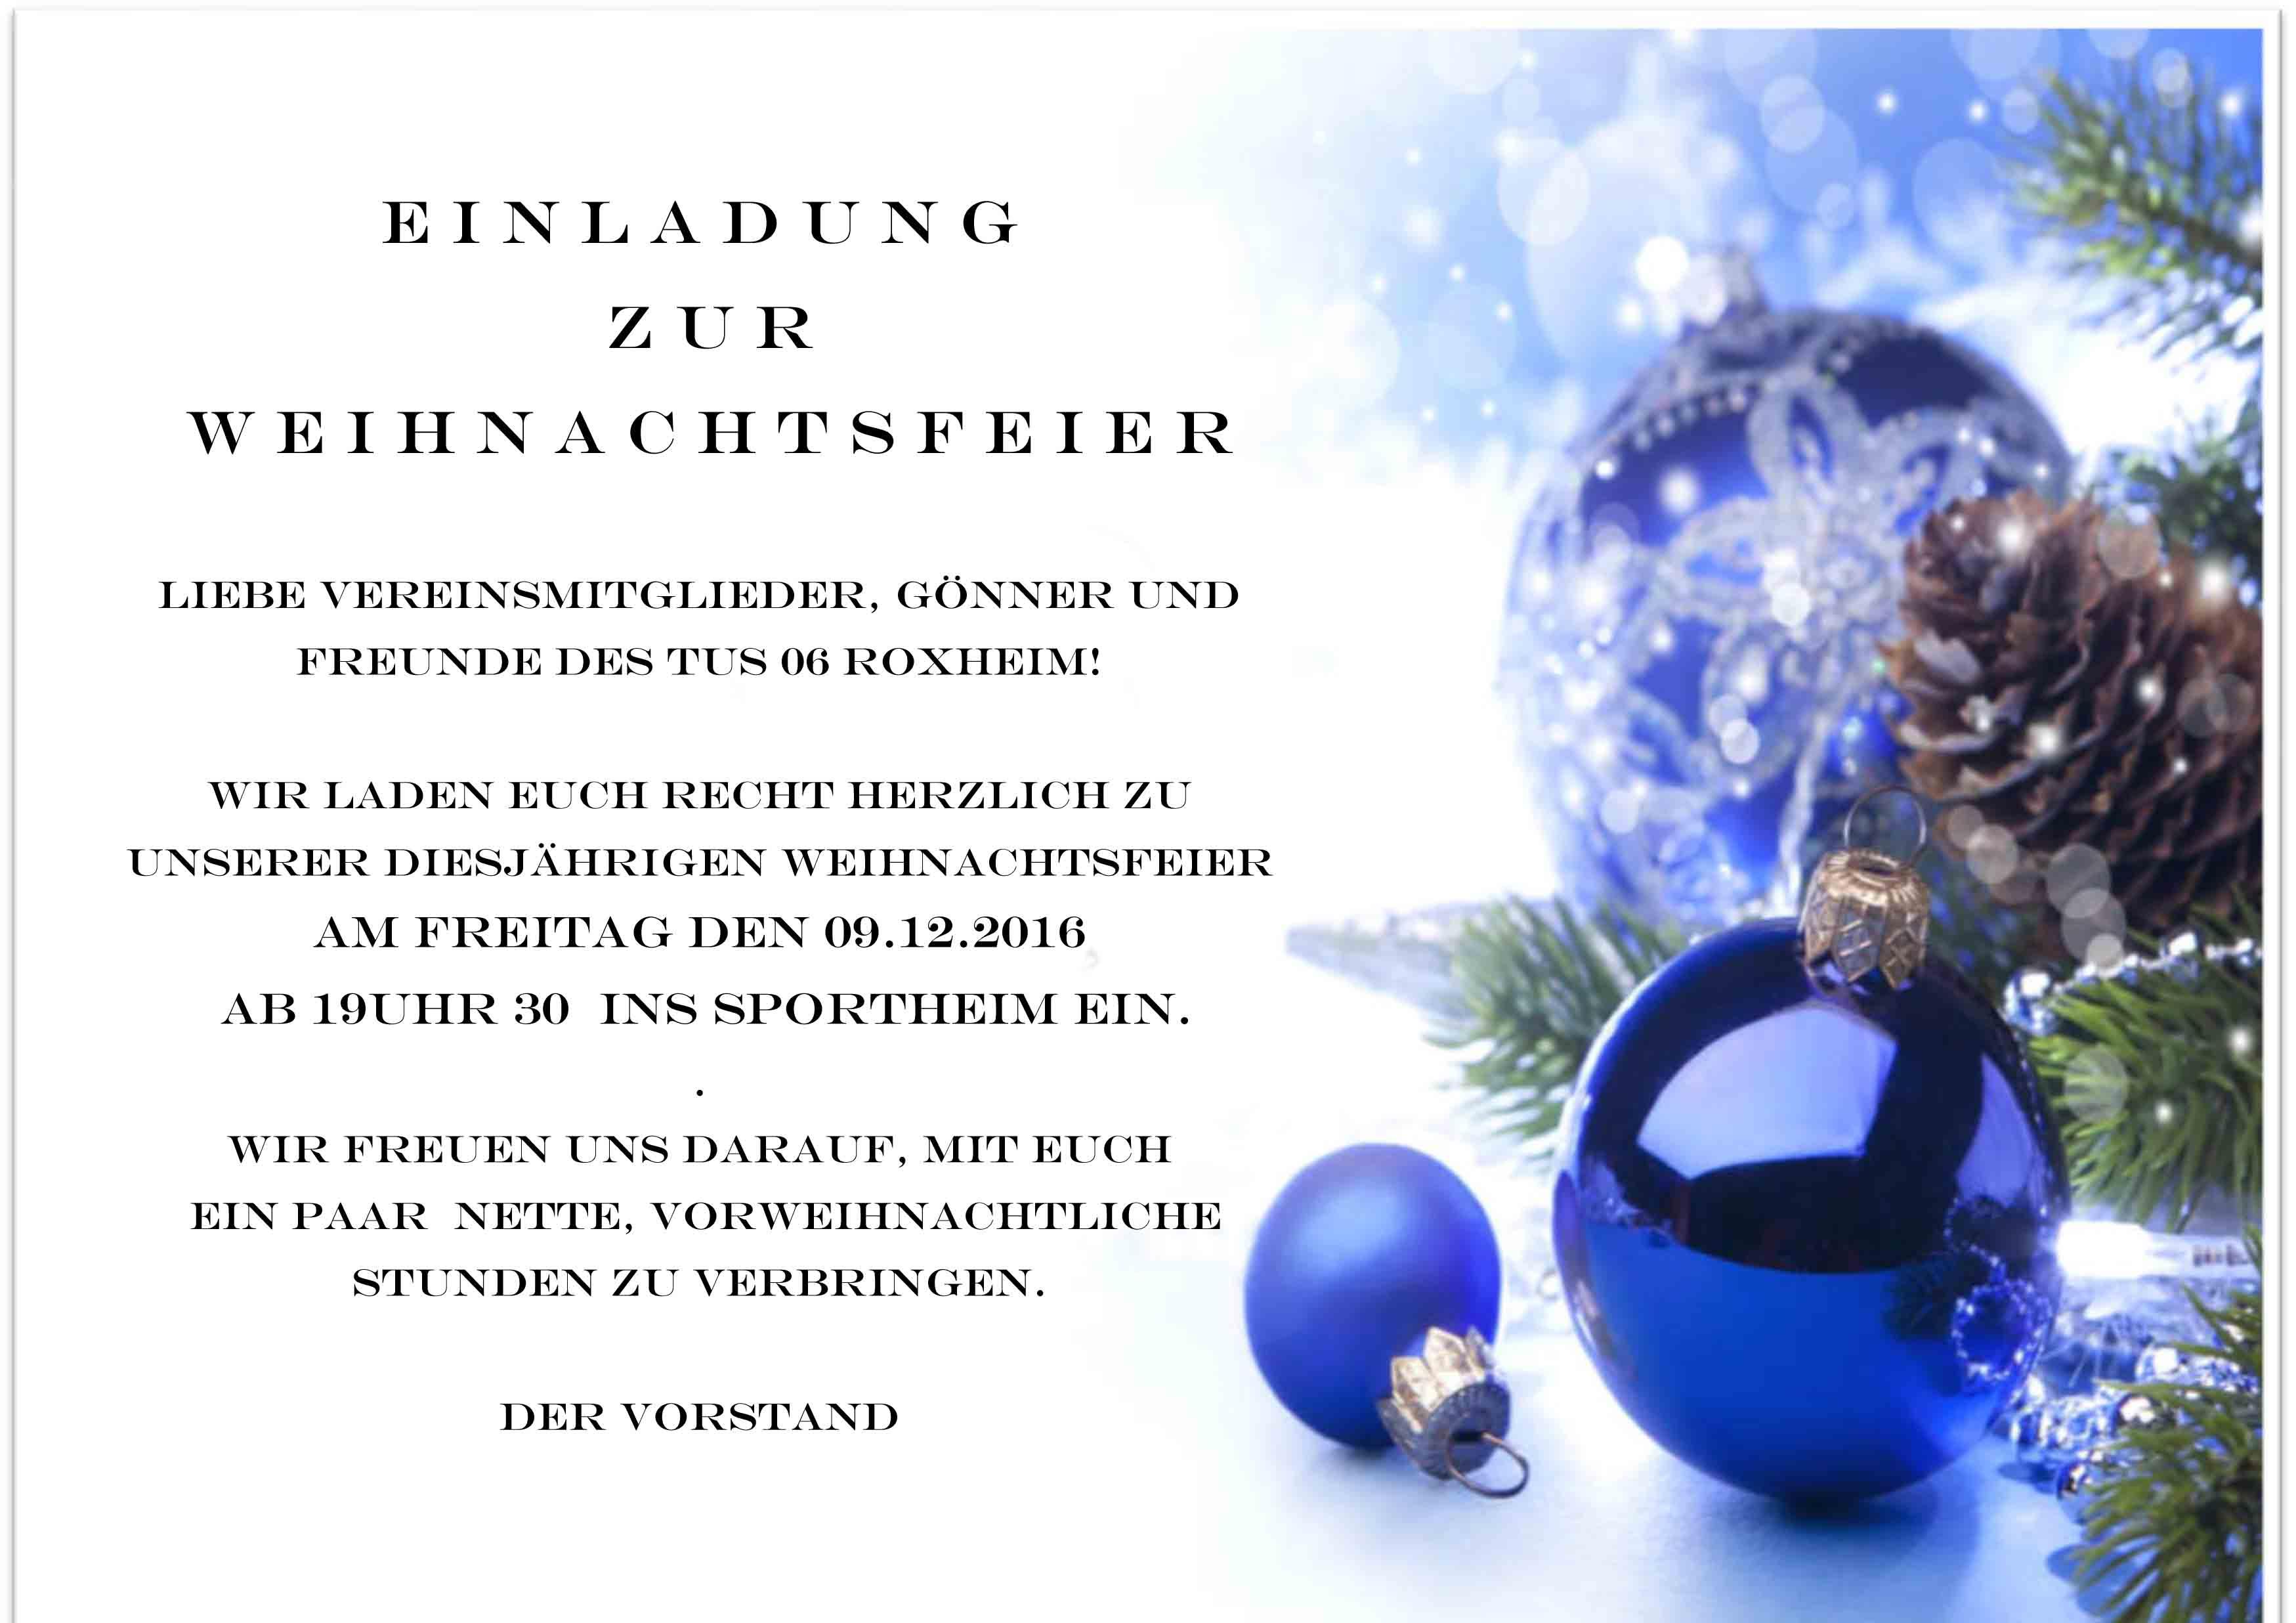 Einladung Weihnachtsfeier 2016